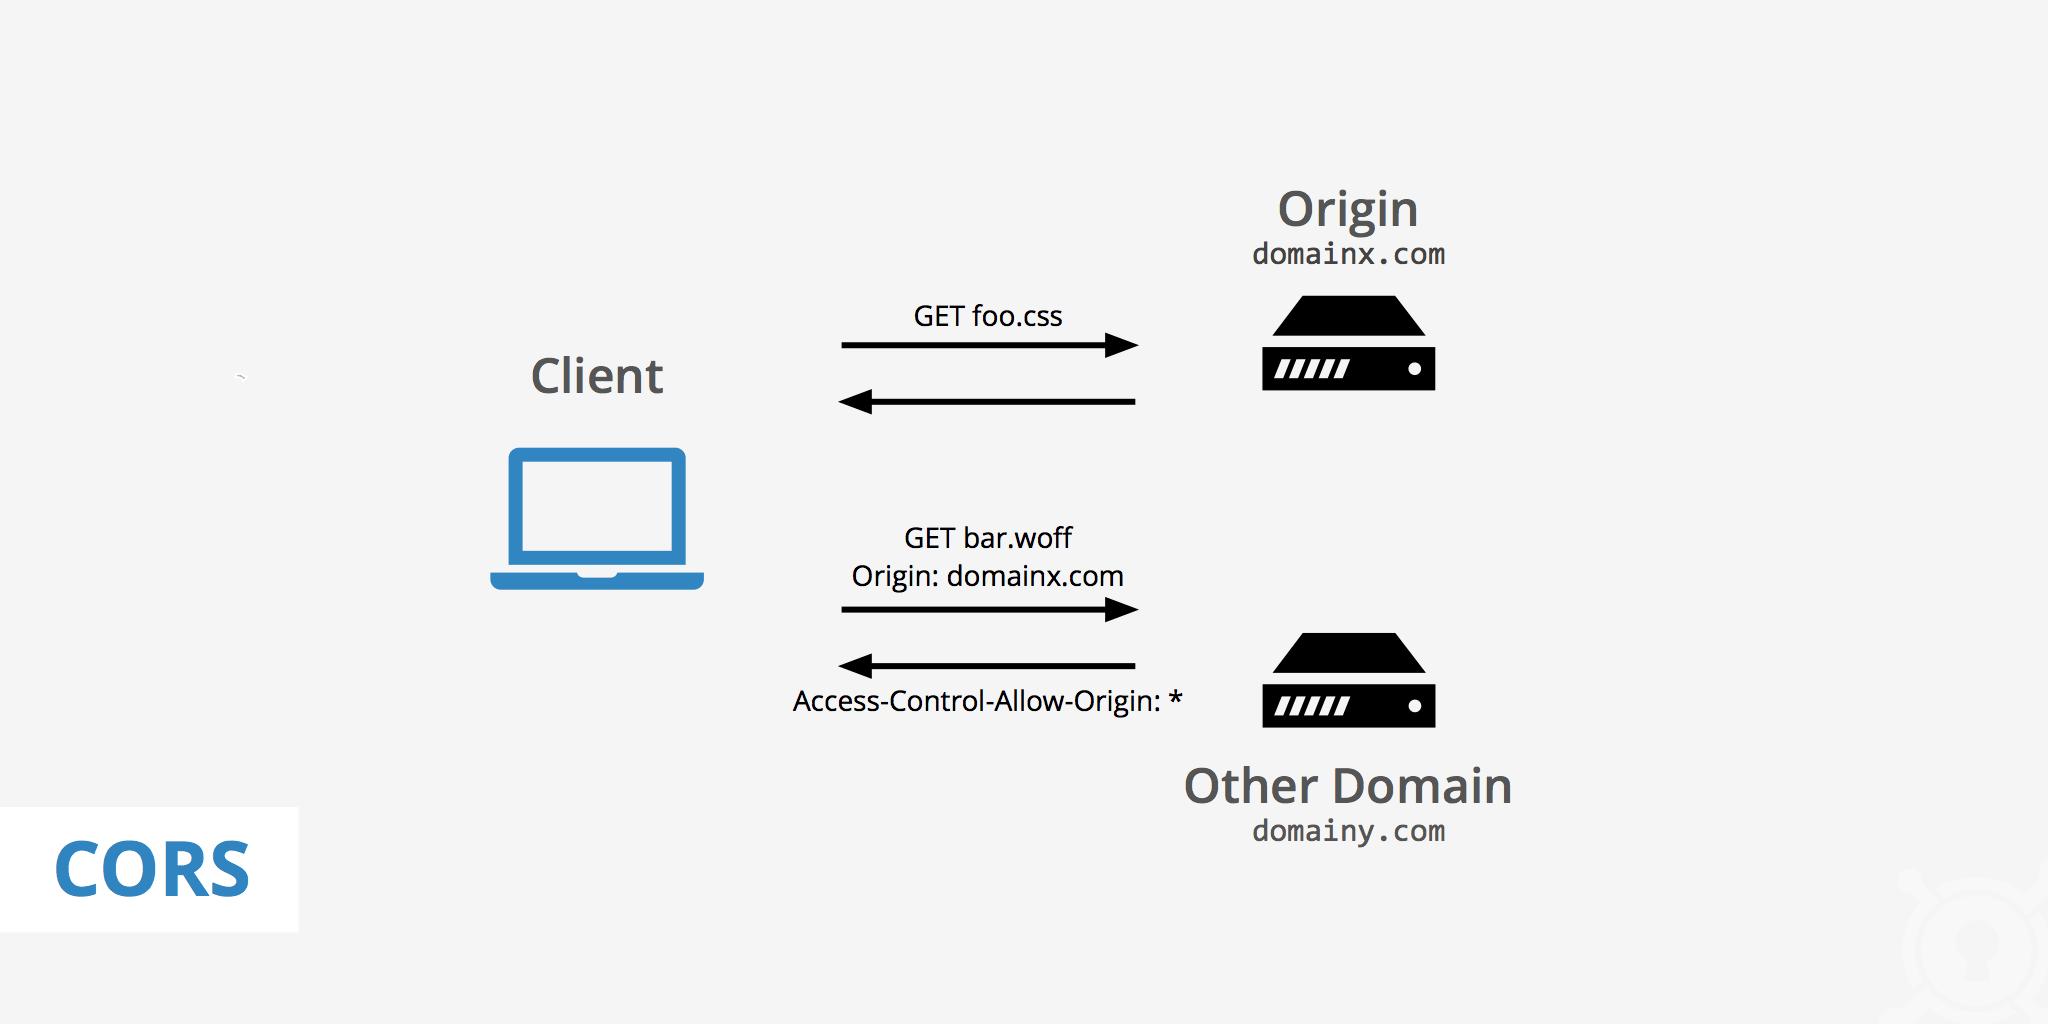 آموزش آسیب پذیری یا باگ CORS در هک و امنیت آشنا کنیم